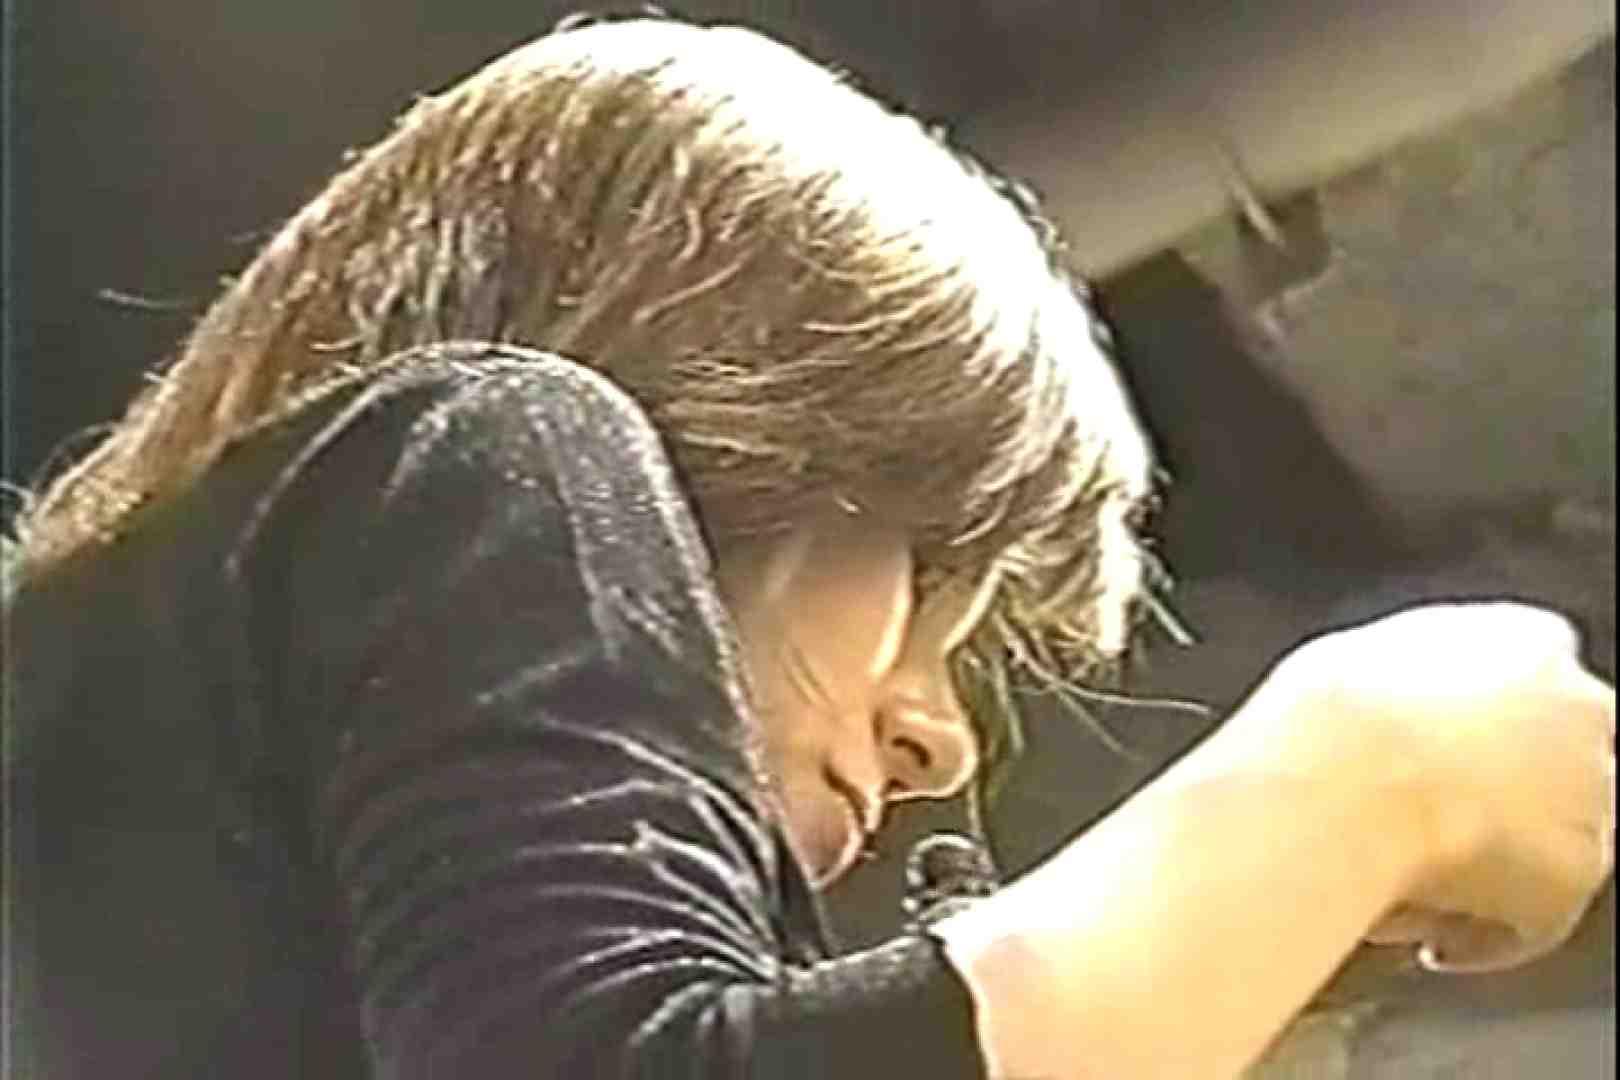 「ちくりん」さんのオリジナル未編集パンチラVol.3_02 パンチラのぞき ぱこり動画紹介 87画像 87